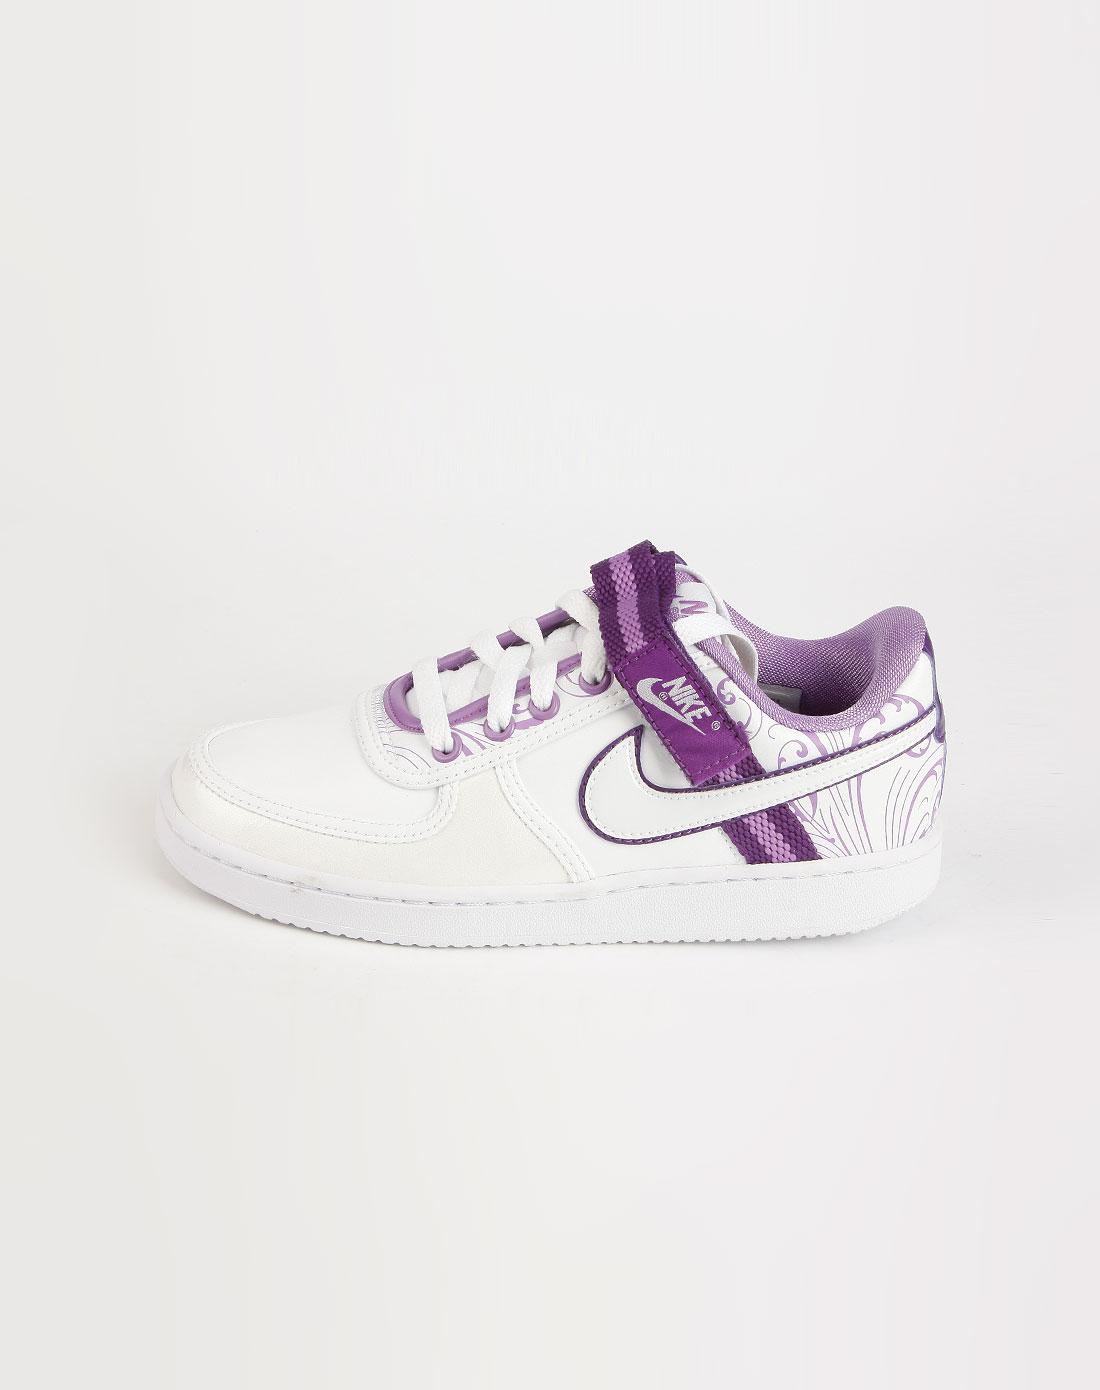 耐克nike-女鞋专场-白/紫色系带魔术贴运动鞋